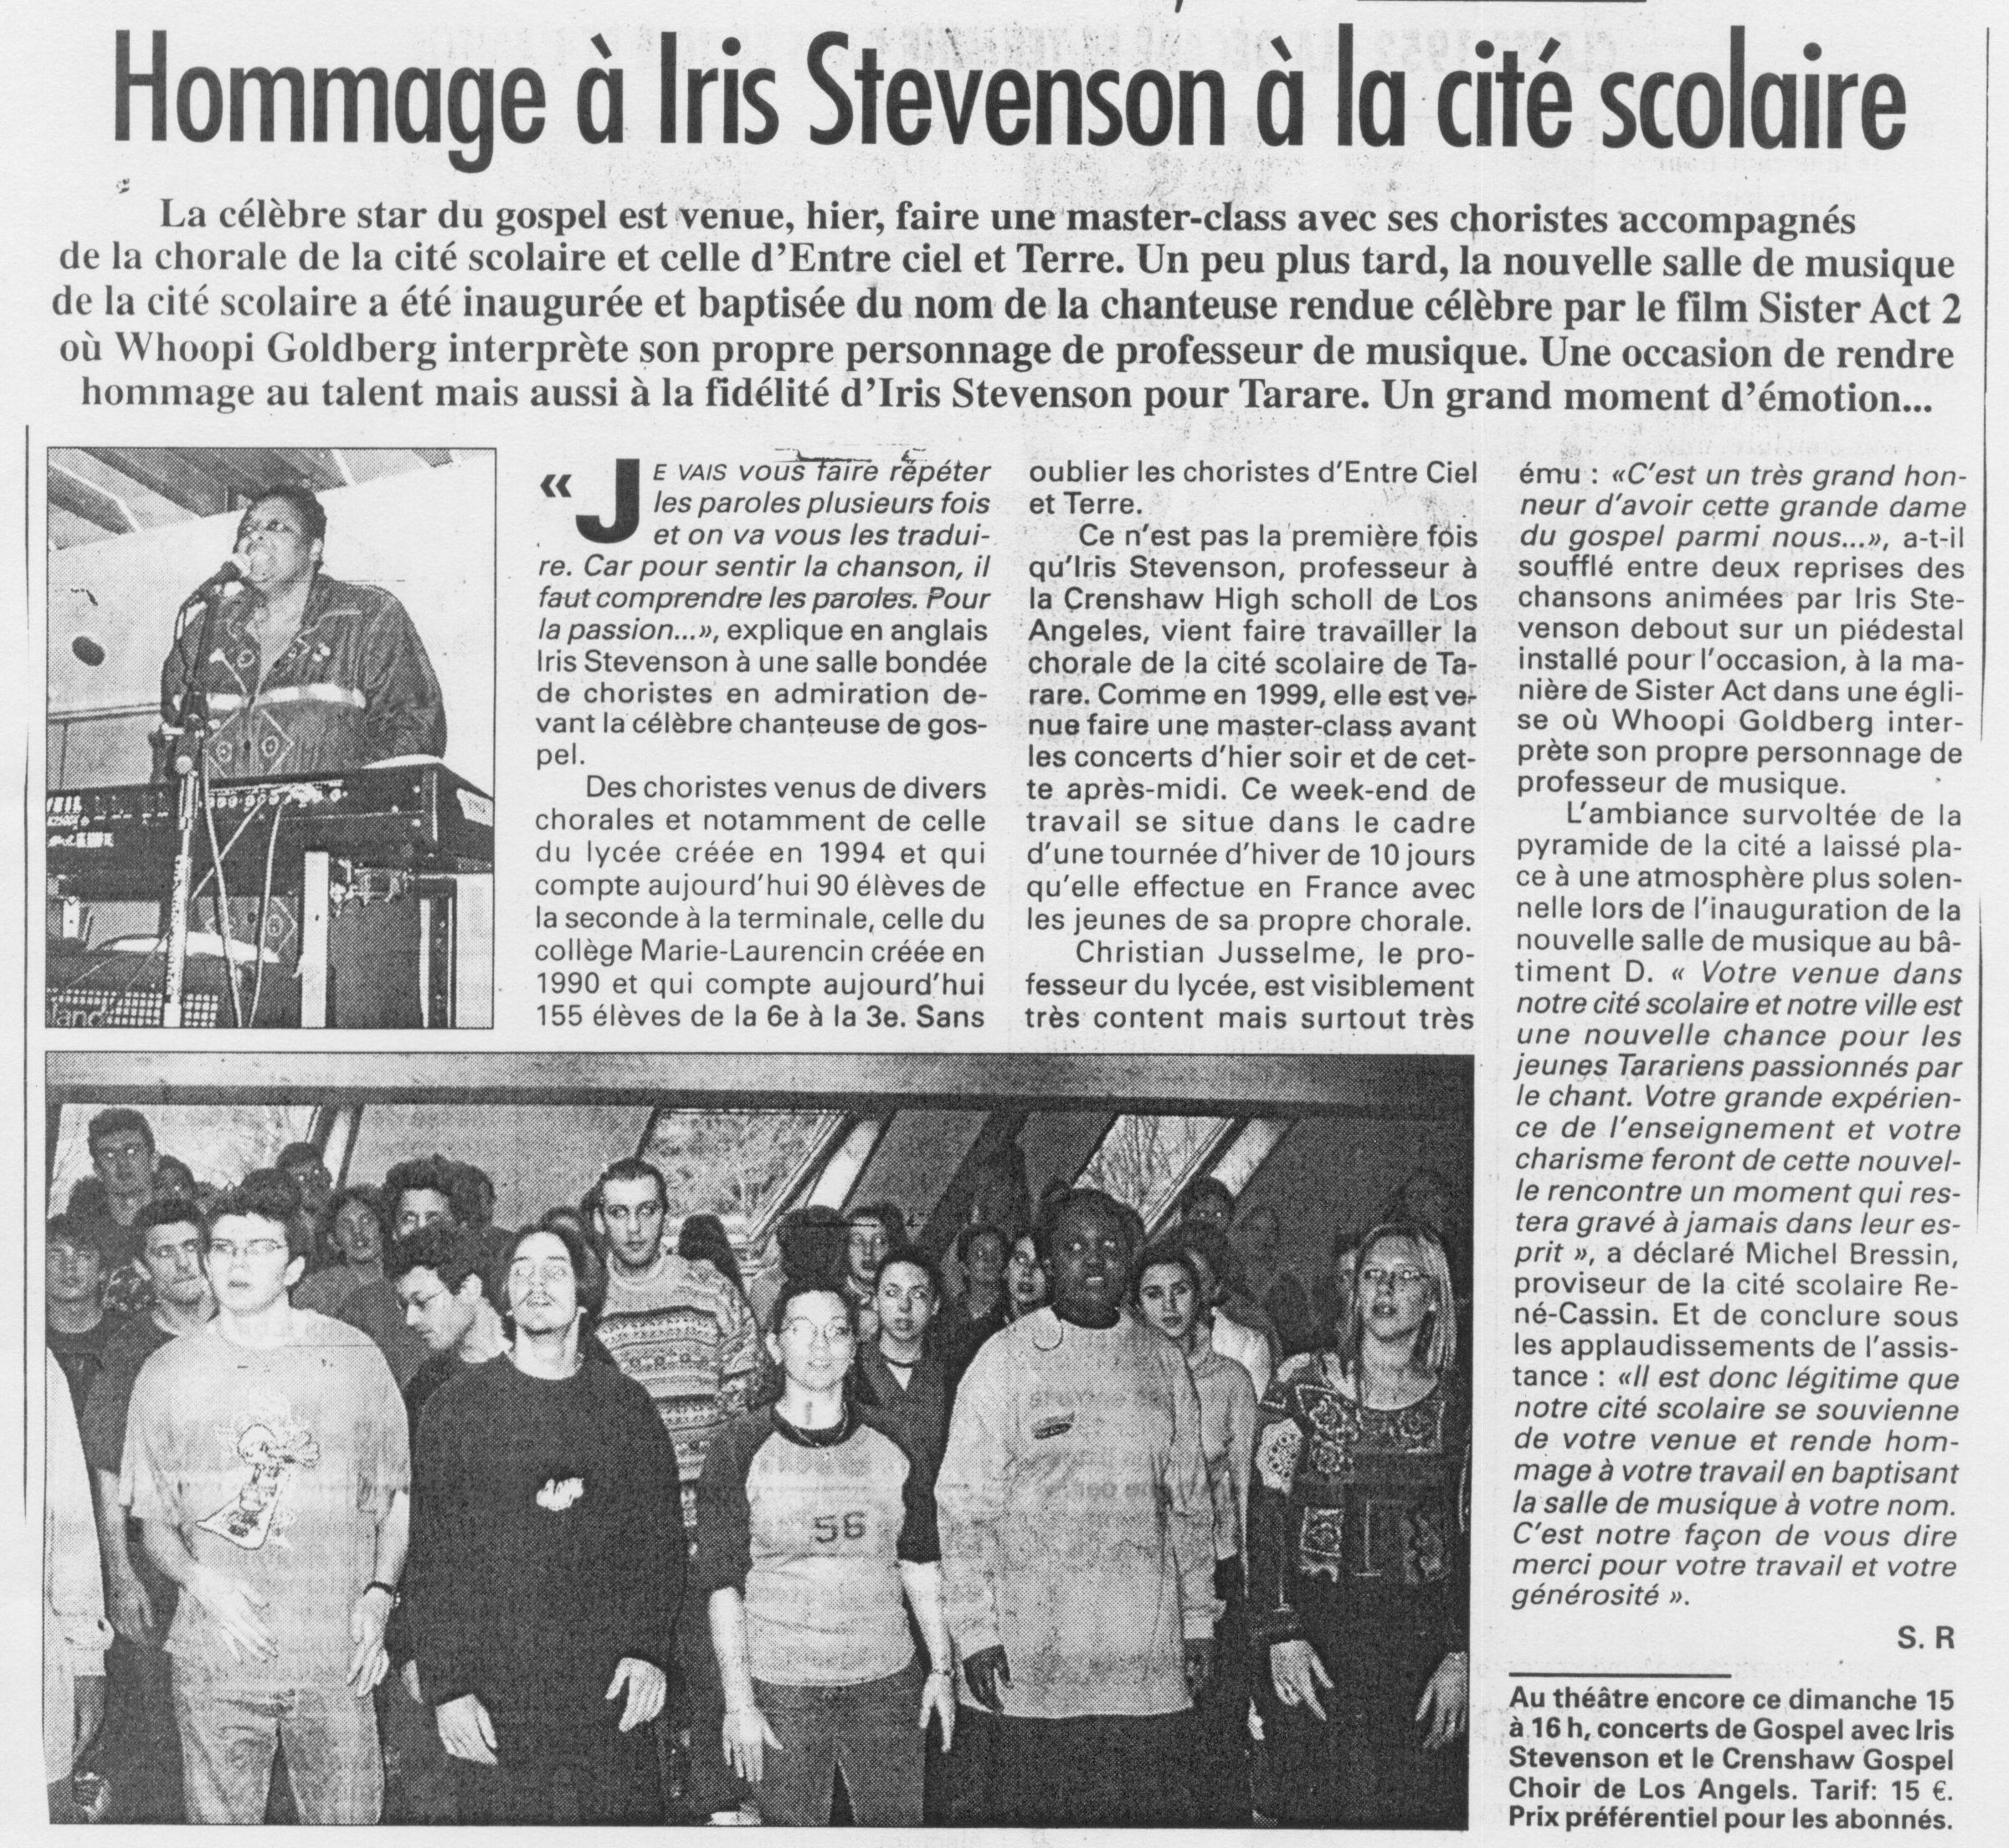 © Le Progrès | 15 déc. 2002